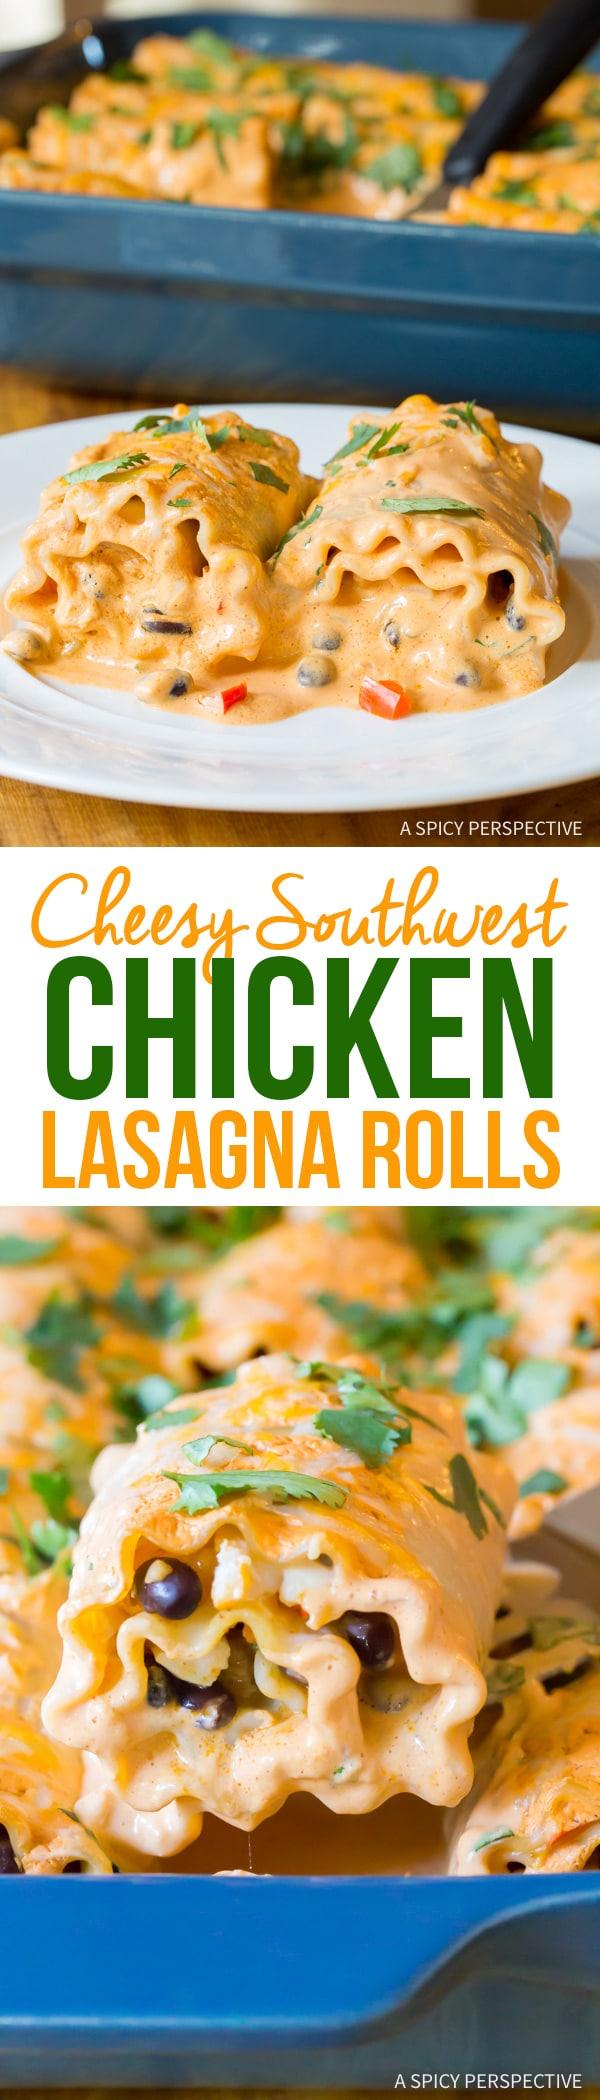 Best Cheesy Southwest Chicken Lasagna Rolls